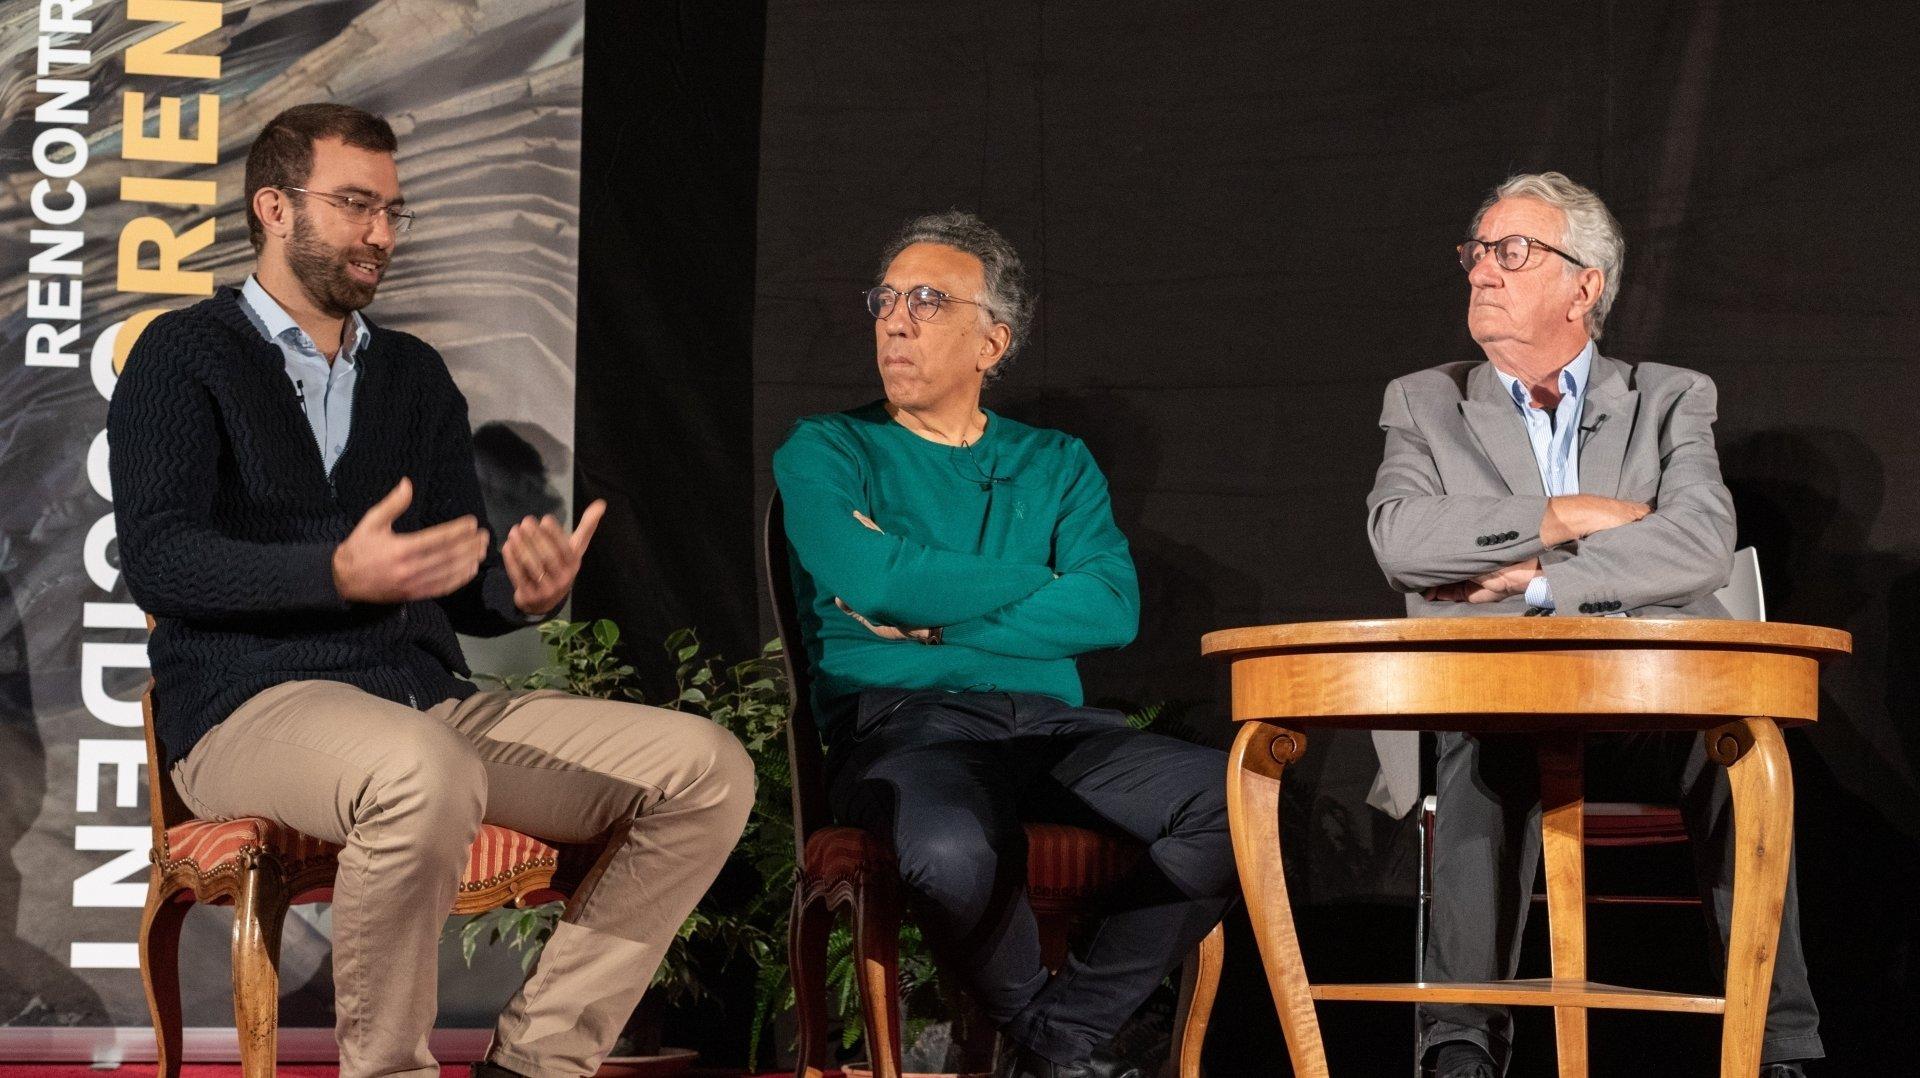 Le  jeune réalisateur Elia El'Haddad (à gauche) a tapé dans l'œil de l'écrivain Charif Majdalani et du journaliste et producteur Jean-Philippe Rapp.